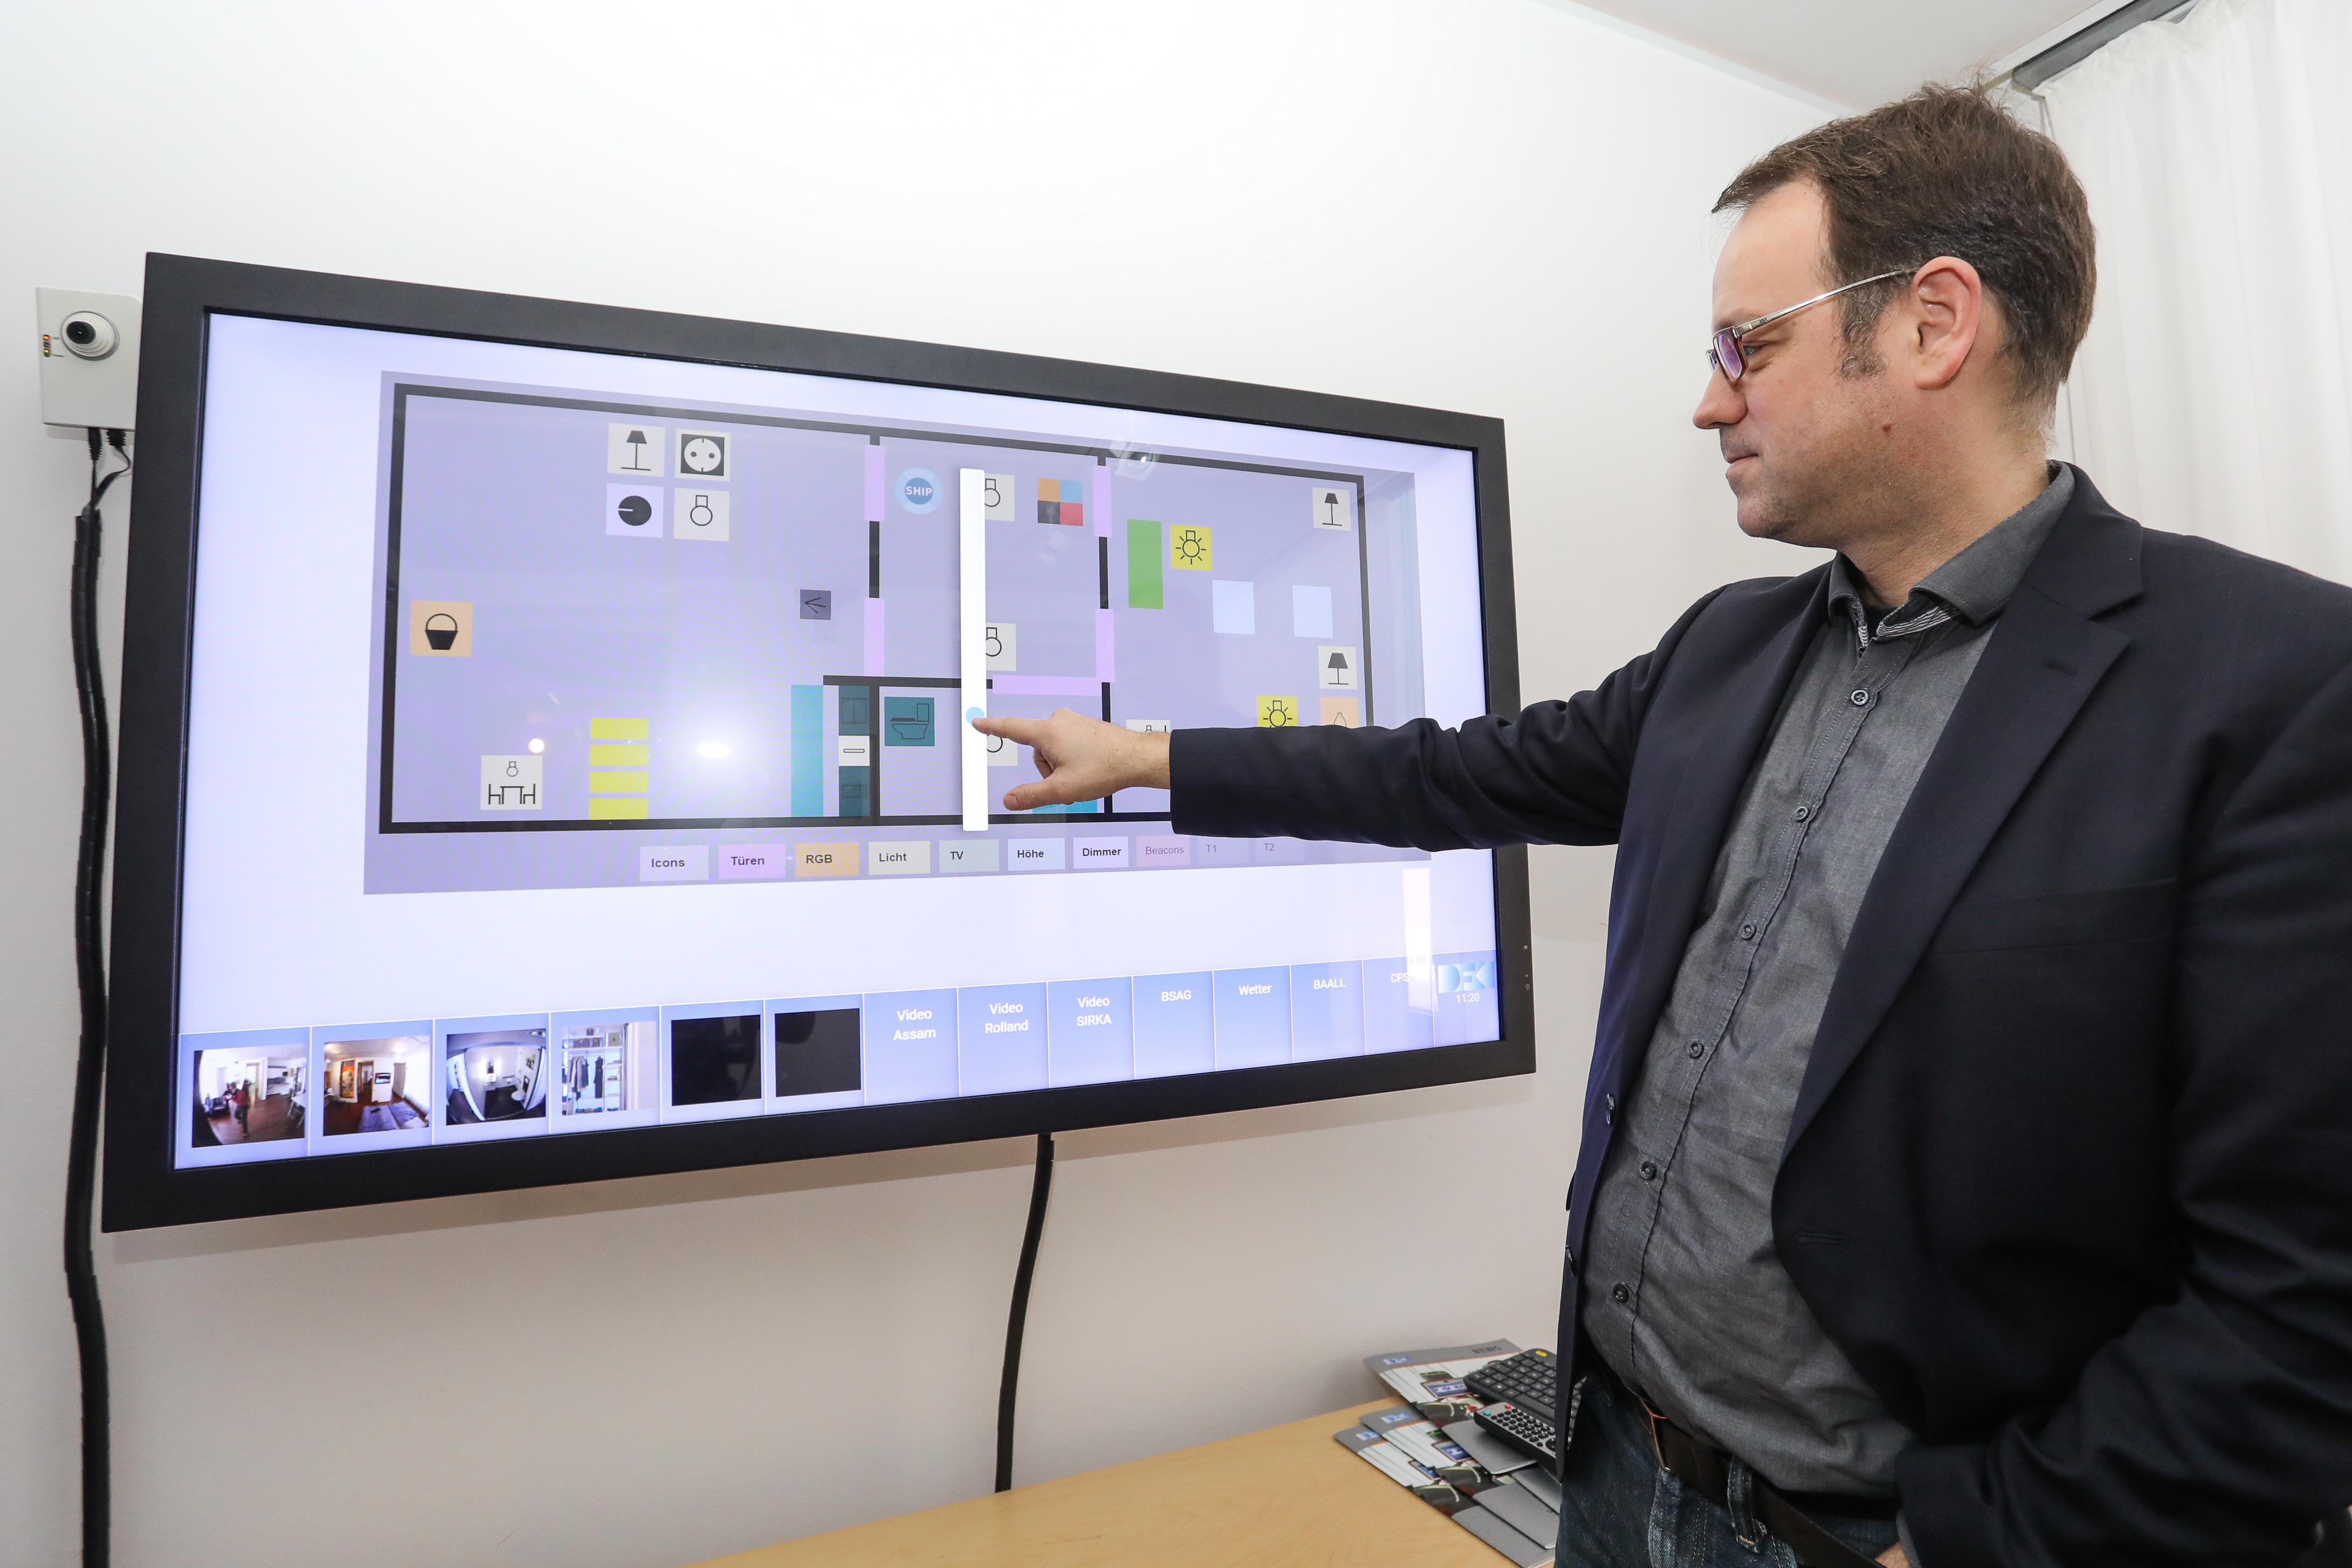 Foto 4 Licht Und Co Knnen Bei Anderen Smart Home Projekten Vom Nutzer Manuell Gesteuert Werden Aber Dr Serge Autexier Geht Im BAALL Mit Seiner